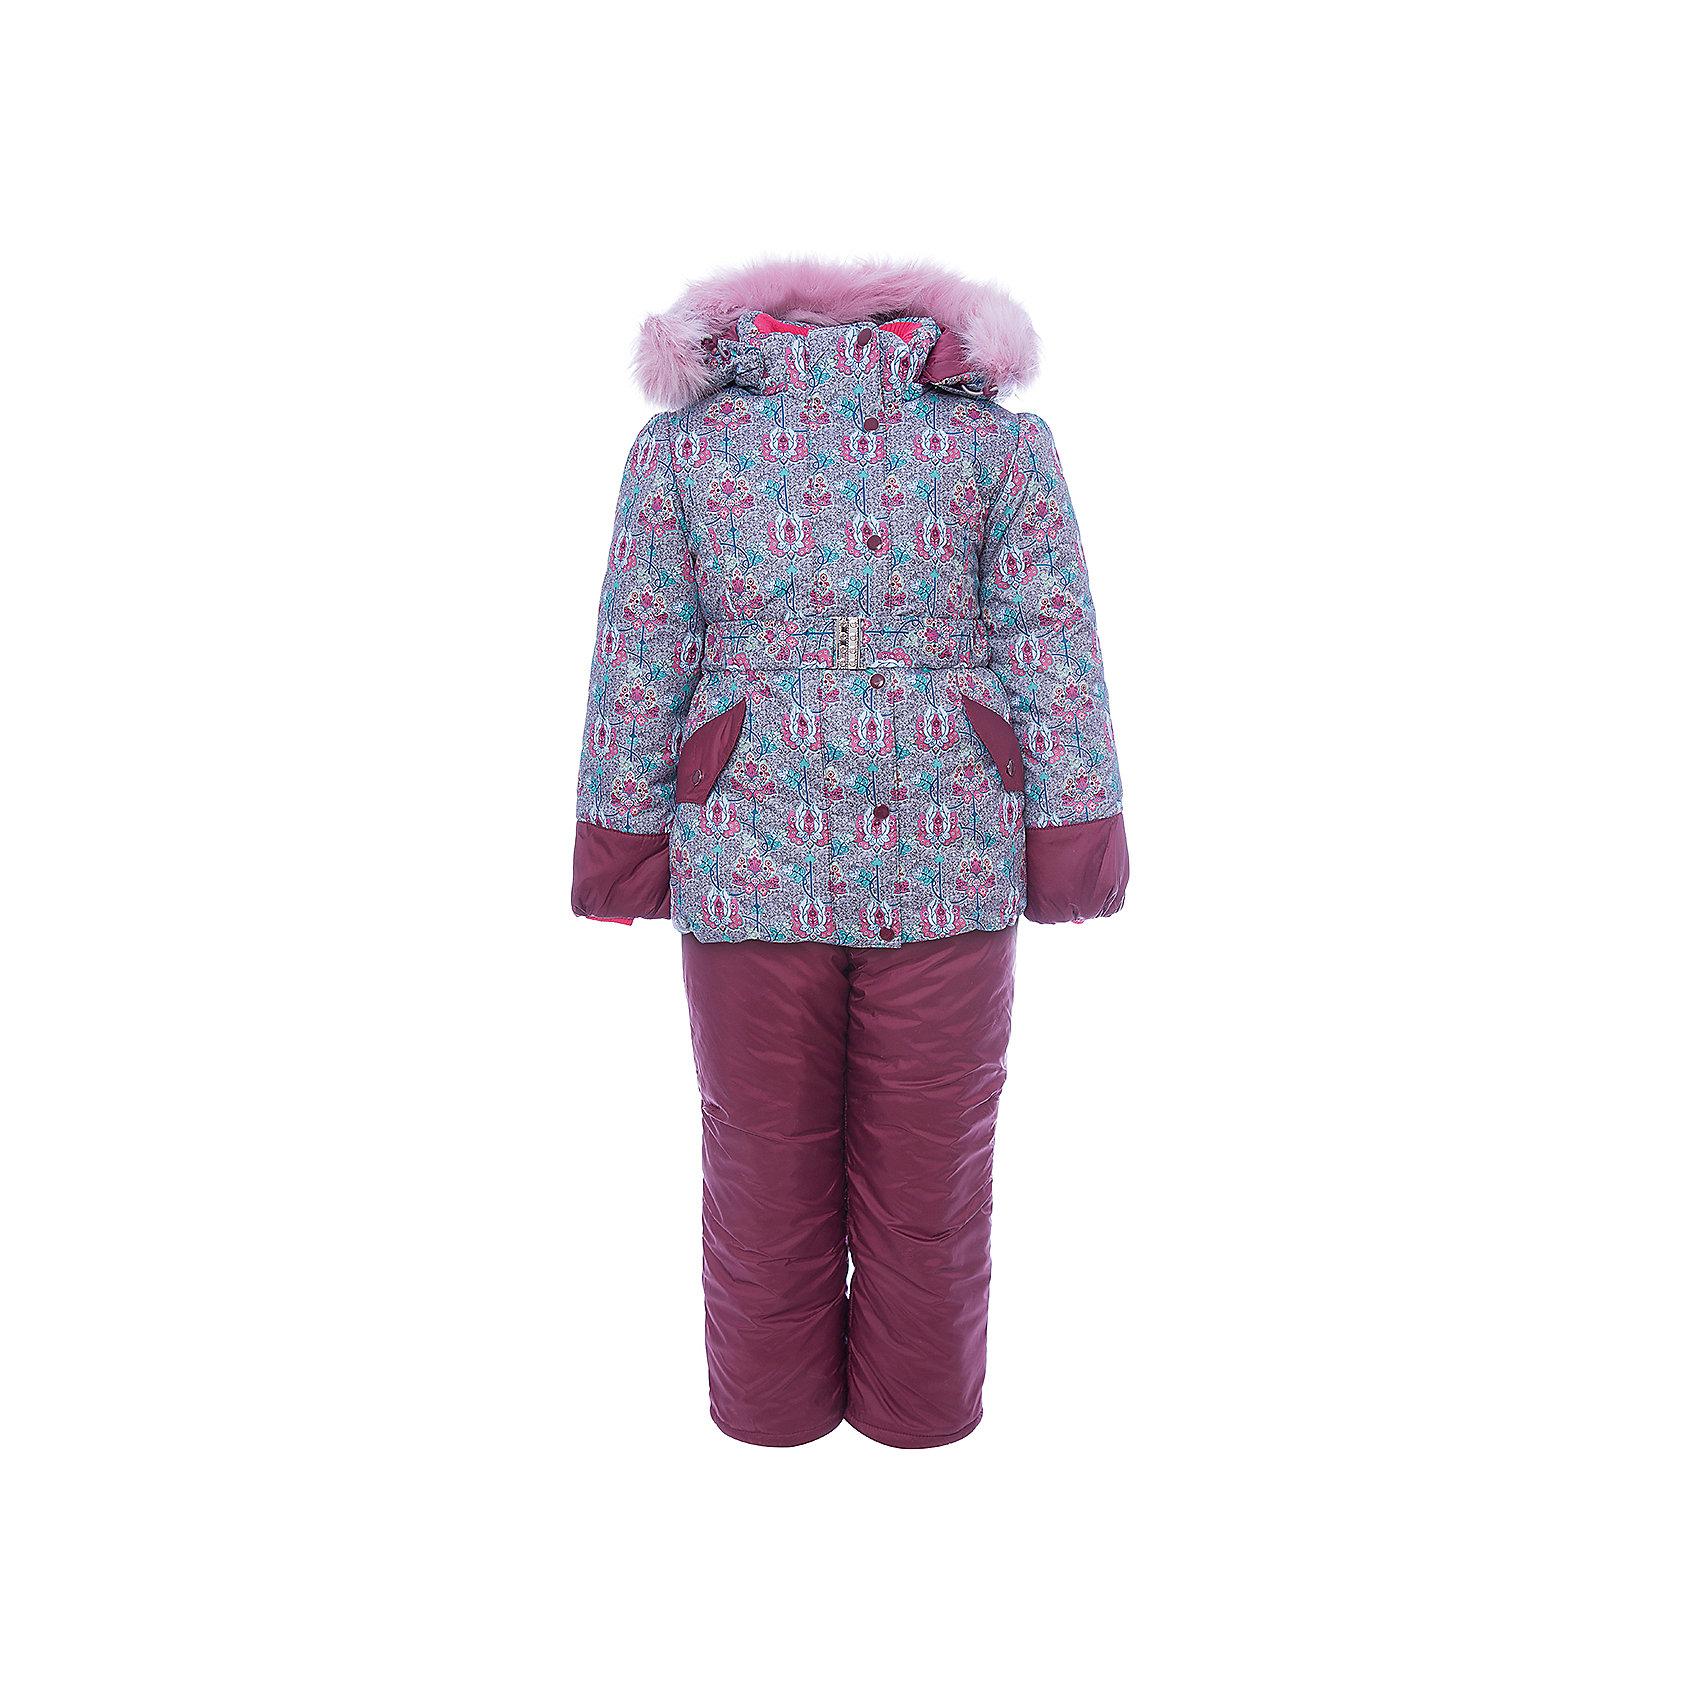 Комплект: куртка и полукомбинезон Адель OLDOS для девочкиВерхняя одежда<br>Характеристики товара:<br><br>• цвет: бордовый<br>• комплектация: куртка и полукомбинезон<br>• состав ткани: 100% полиэстер, пропитка Teflon<br>• подкладка: хлопок, полиэстер<br>• утеплитель: Hollofan 250/200 г/м2<br>• подстежка: 60% шерсть, 40% полиэстер<br>• сезон: зима<br>• температурный режим: от -35 до 0<br>• застежка: молния<br>• капюшон: с мехом, съемный<br>• подстежка в комплекте<br>• страна бренда: Россия<br>• страна изготовитель: Россия<br><br>Подкладка зимнего комплекта сделана из хлопка и полиэстера, приятных на ощупь. Зимний костюм для девочки дополнен элементами, помогающими скорректировать размер точно под ребенка. Теплый комплект для девочки отлично подходит для суровой русской зимы благодаря хорошему утеплителю и пропитке верха от влаги и грязи. <br><br>Комплект: куртка и полукомбинезон Адель Oldos (Олдос) для девочки можно купить в нашем интернет-магазине.<br><br>Ширина мм: 356<br>Глубина мм: 10<br>Высота мм: 245<br>Вес г: 519<br>Цвет: бордовый<br>Возраст от месяцев: 96<br>Возраст до месяцев: 108<br>Пол: Женский<br>Возраст: Детский<br>Размер: 134,104,110,116,122,128<br>SKU: 7016841